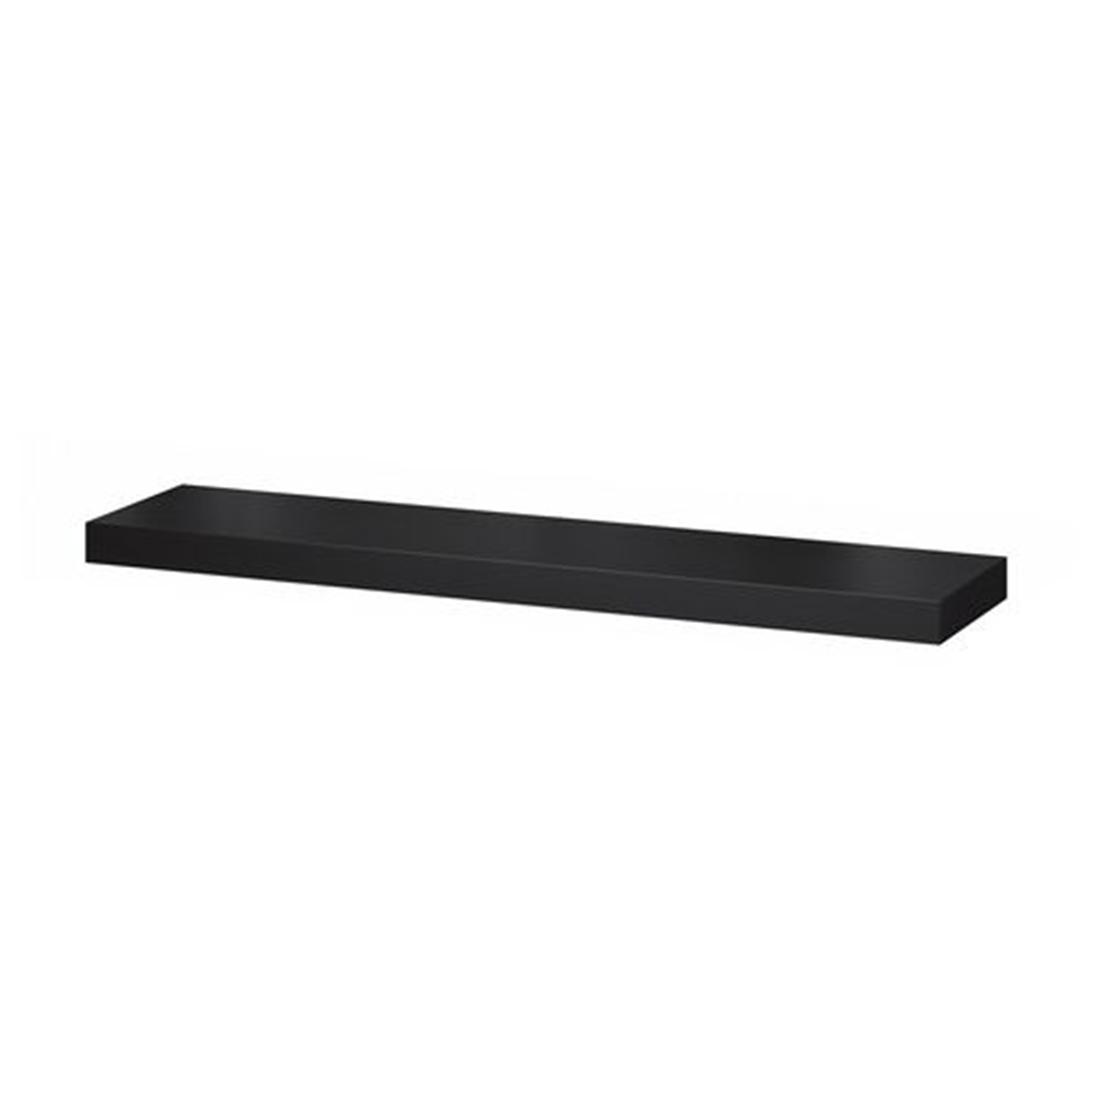 Полка навесная, черно-коричневый, 110x26 см ЛАКК [903.794.98] 903.794.98